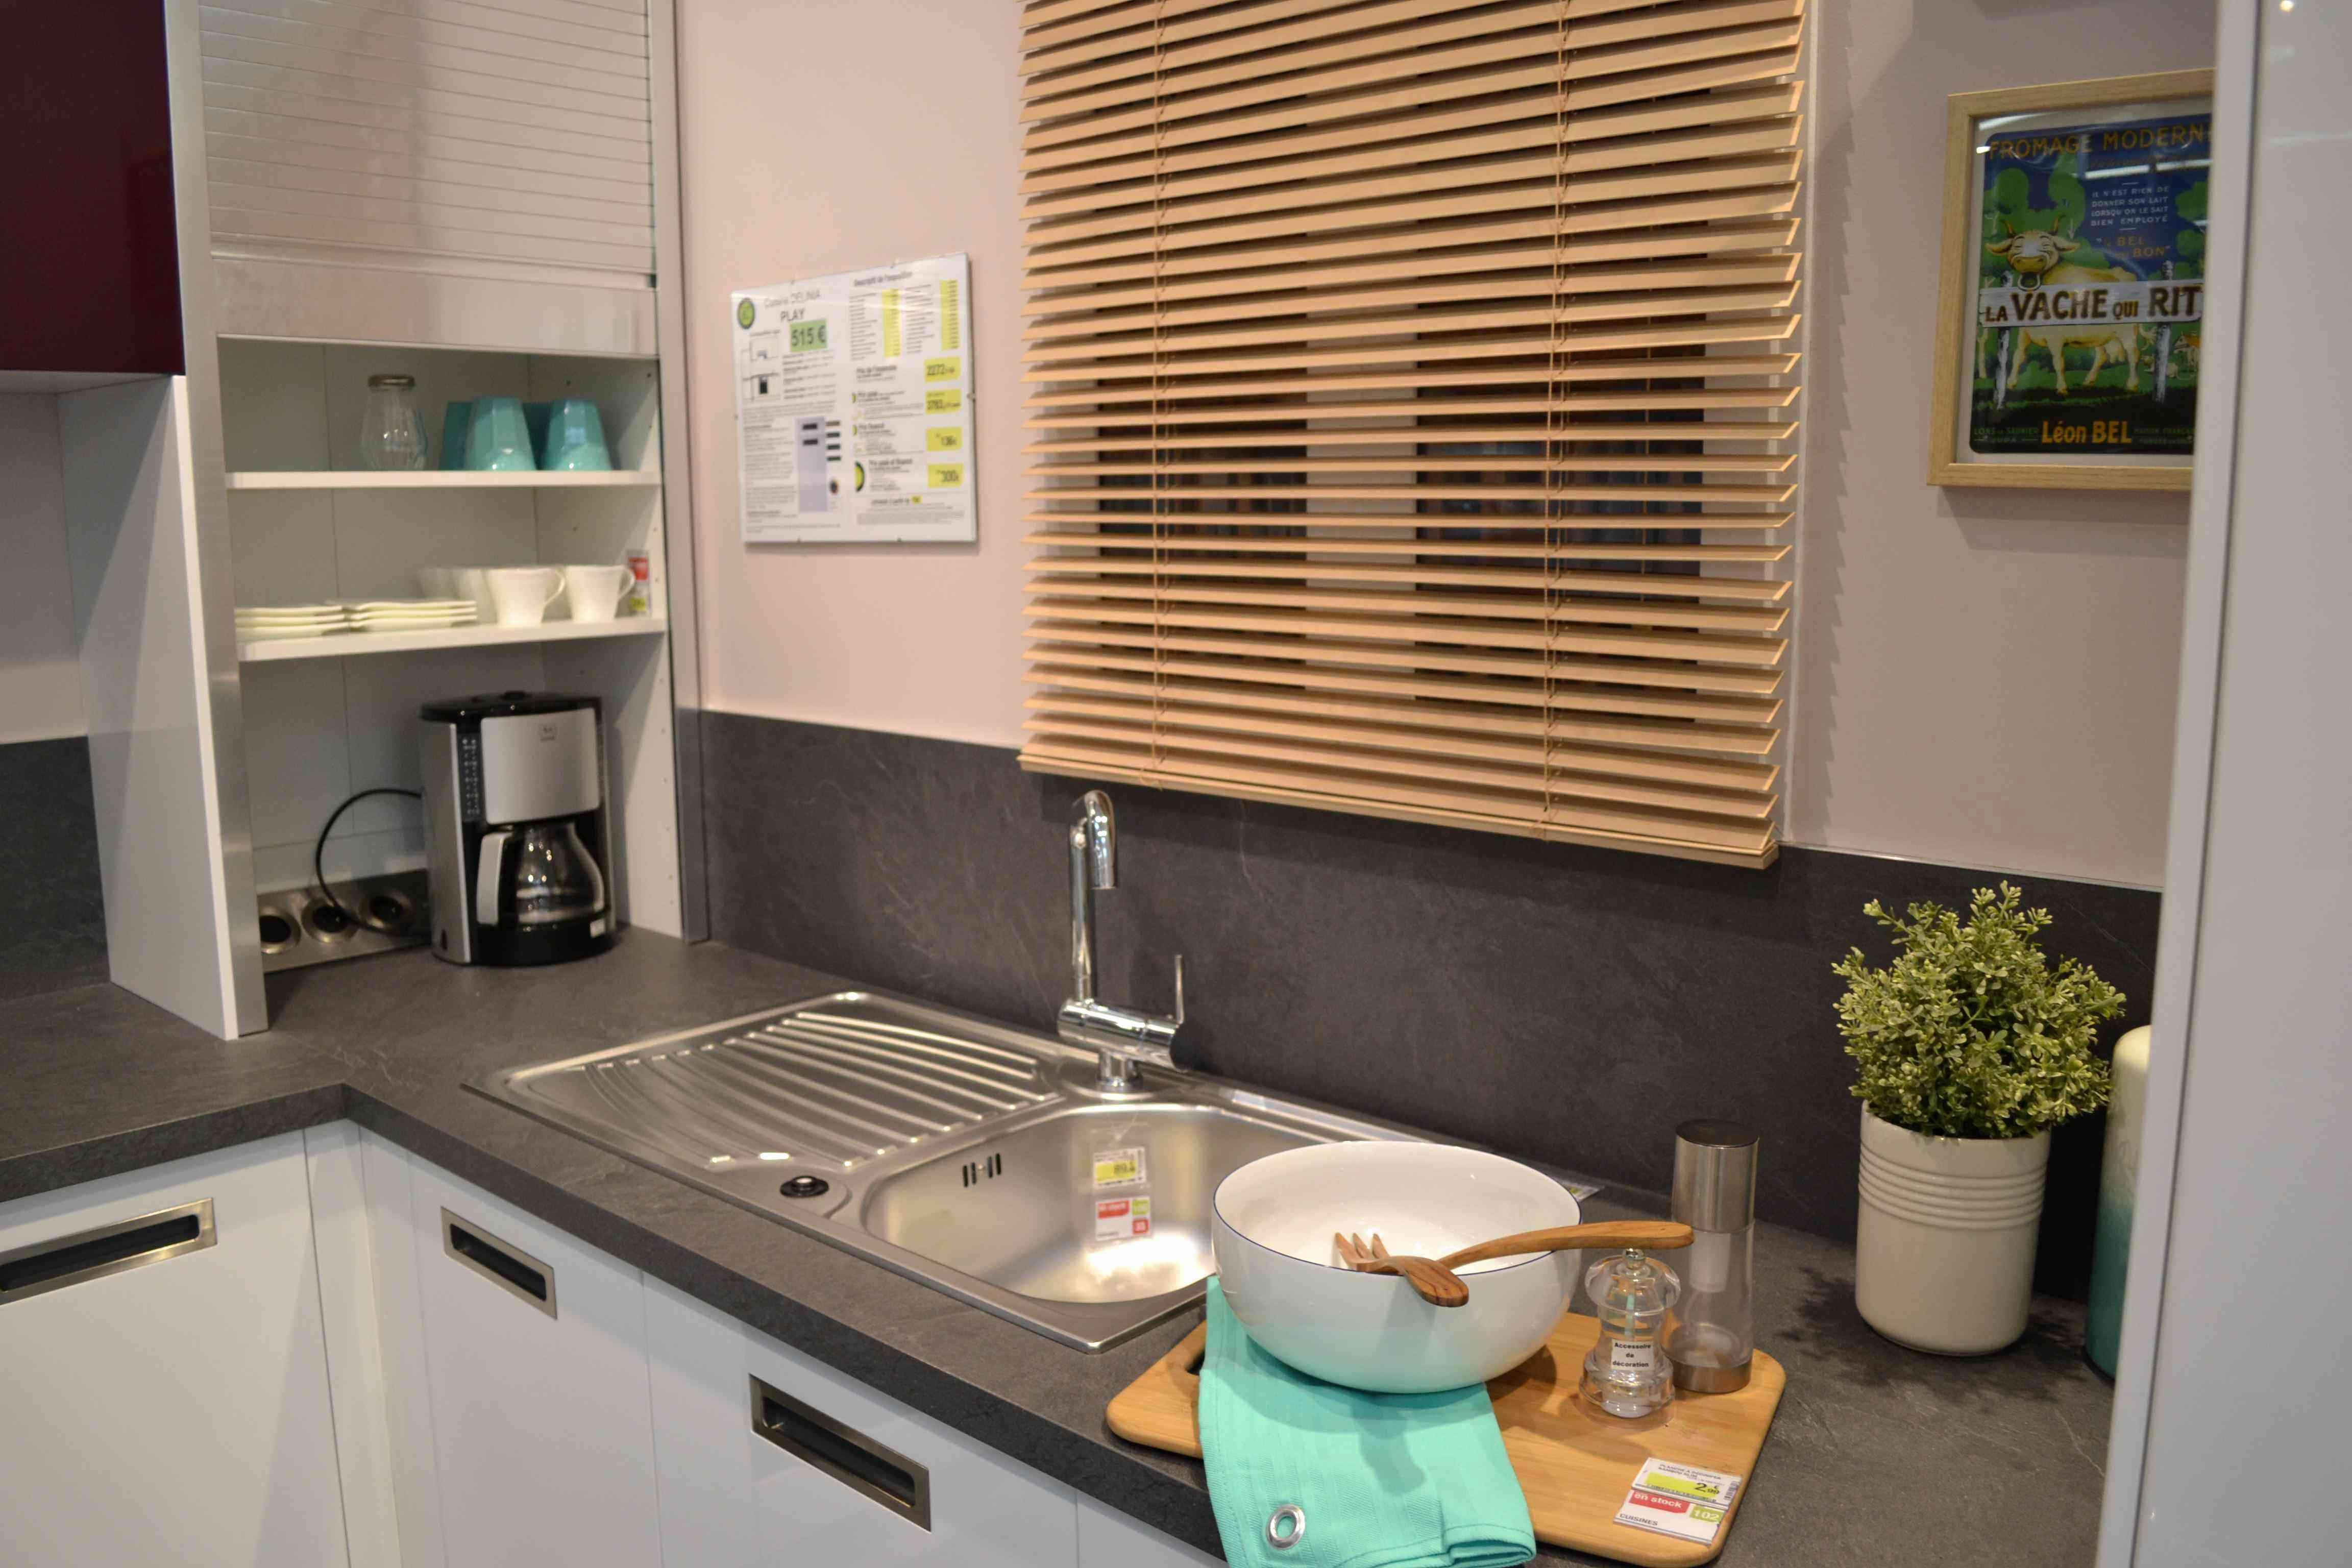 Cuisine Leroy Merlin 3d Beau Photographie 50 Liste De Cuisine Leroy Merlin 3d